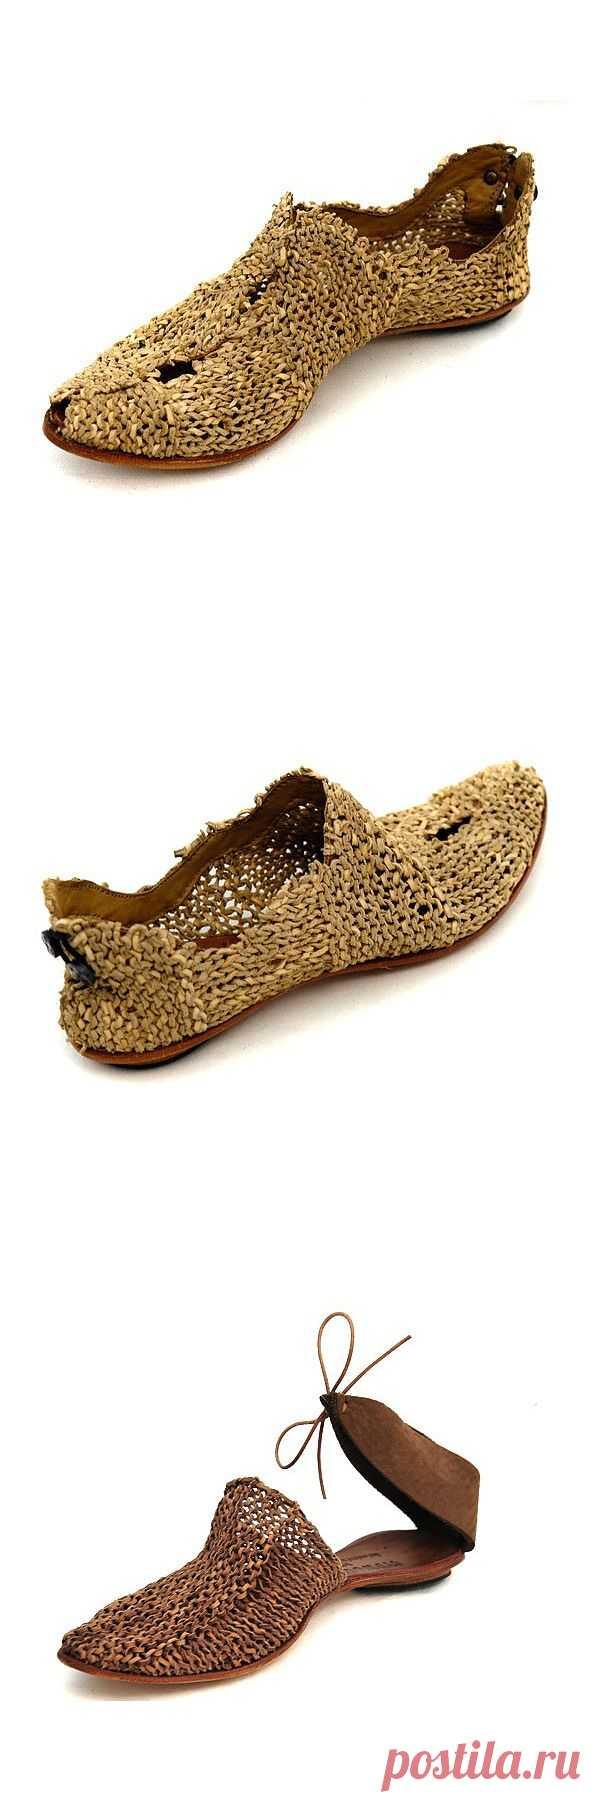 Чей туфля? / Креатив в моде / Модный сайт о стильной переделке одежды и интерьера